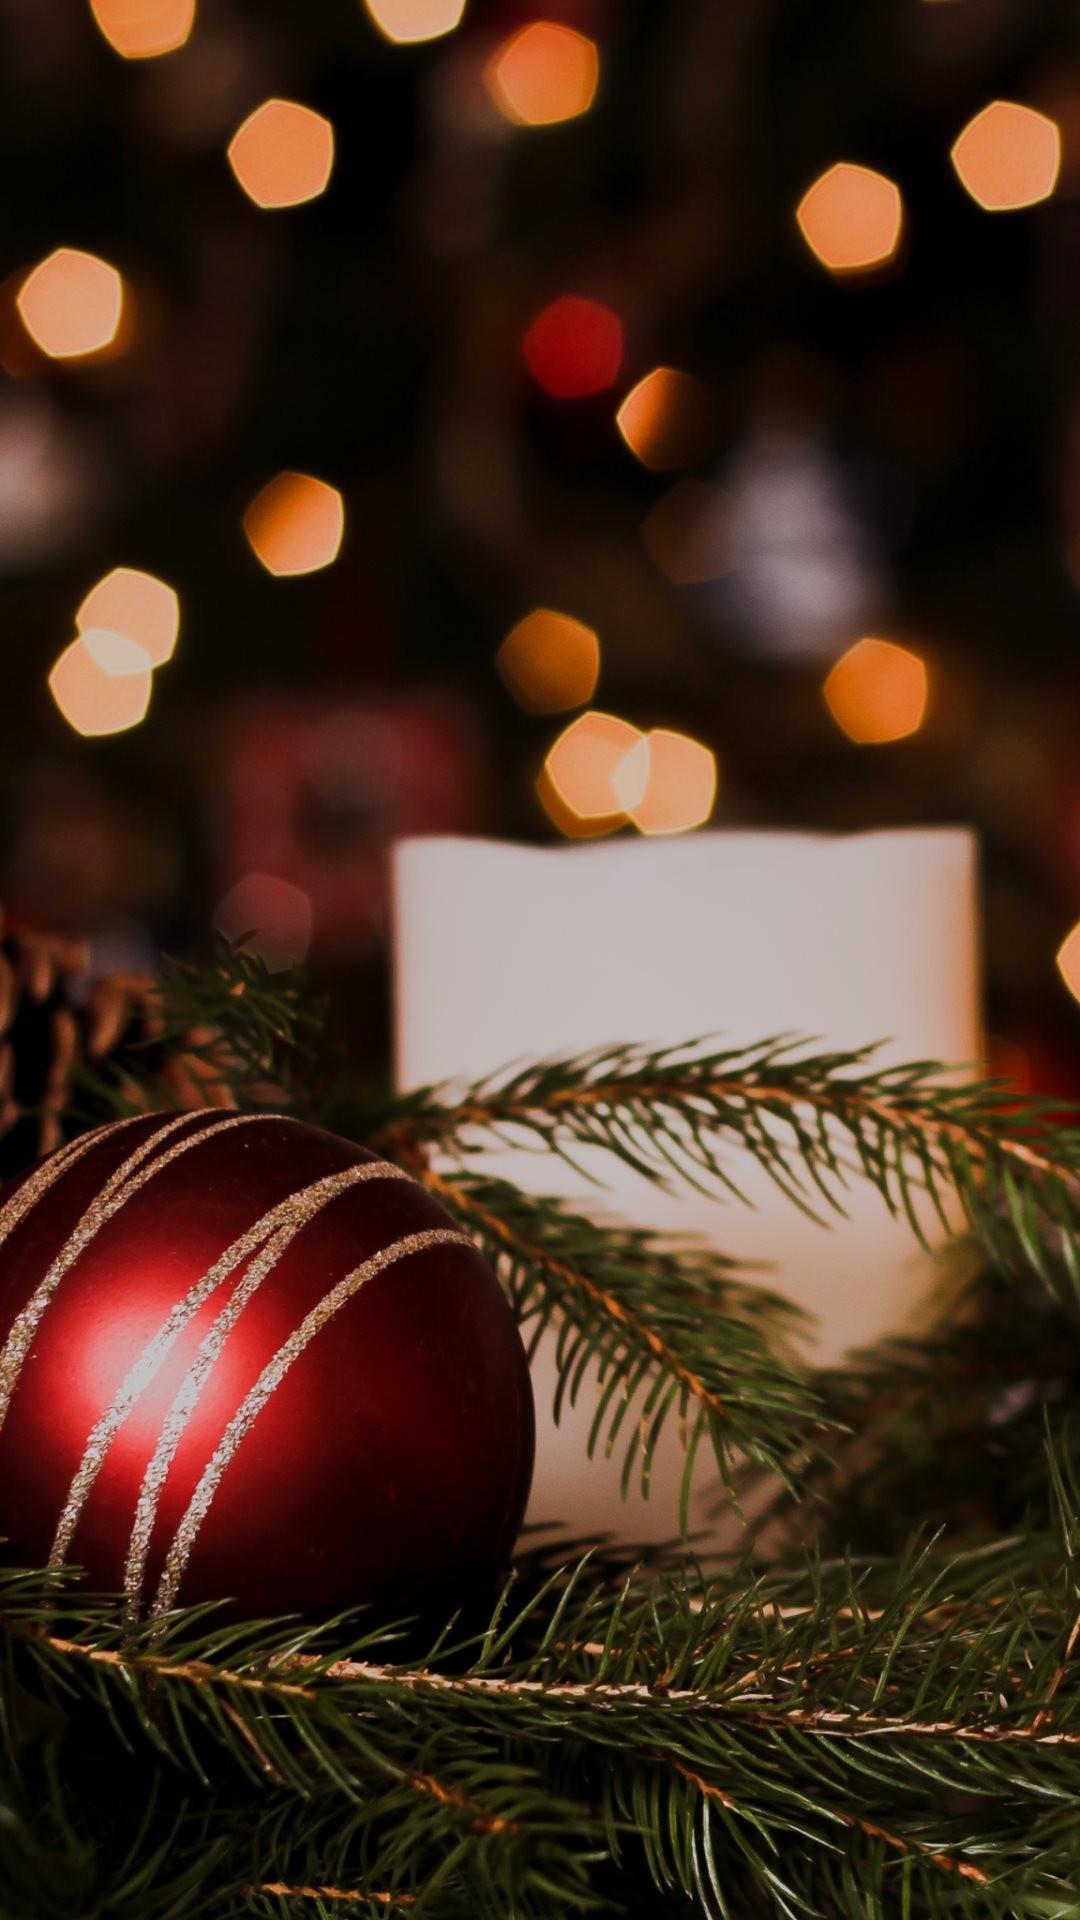 christmas - photo #17